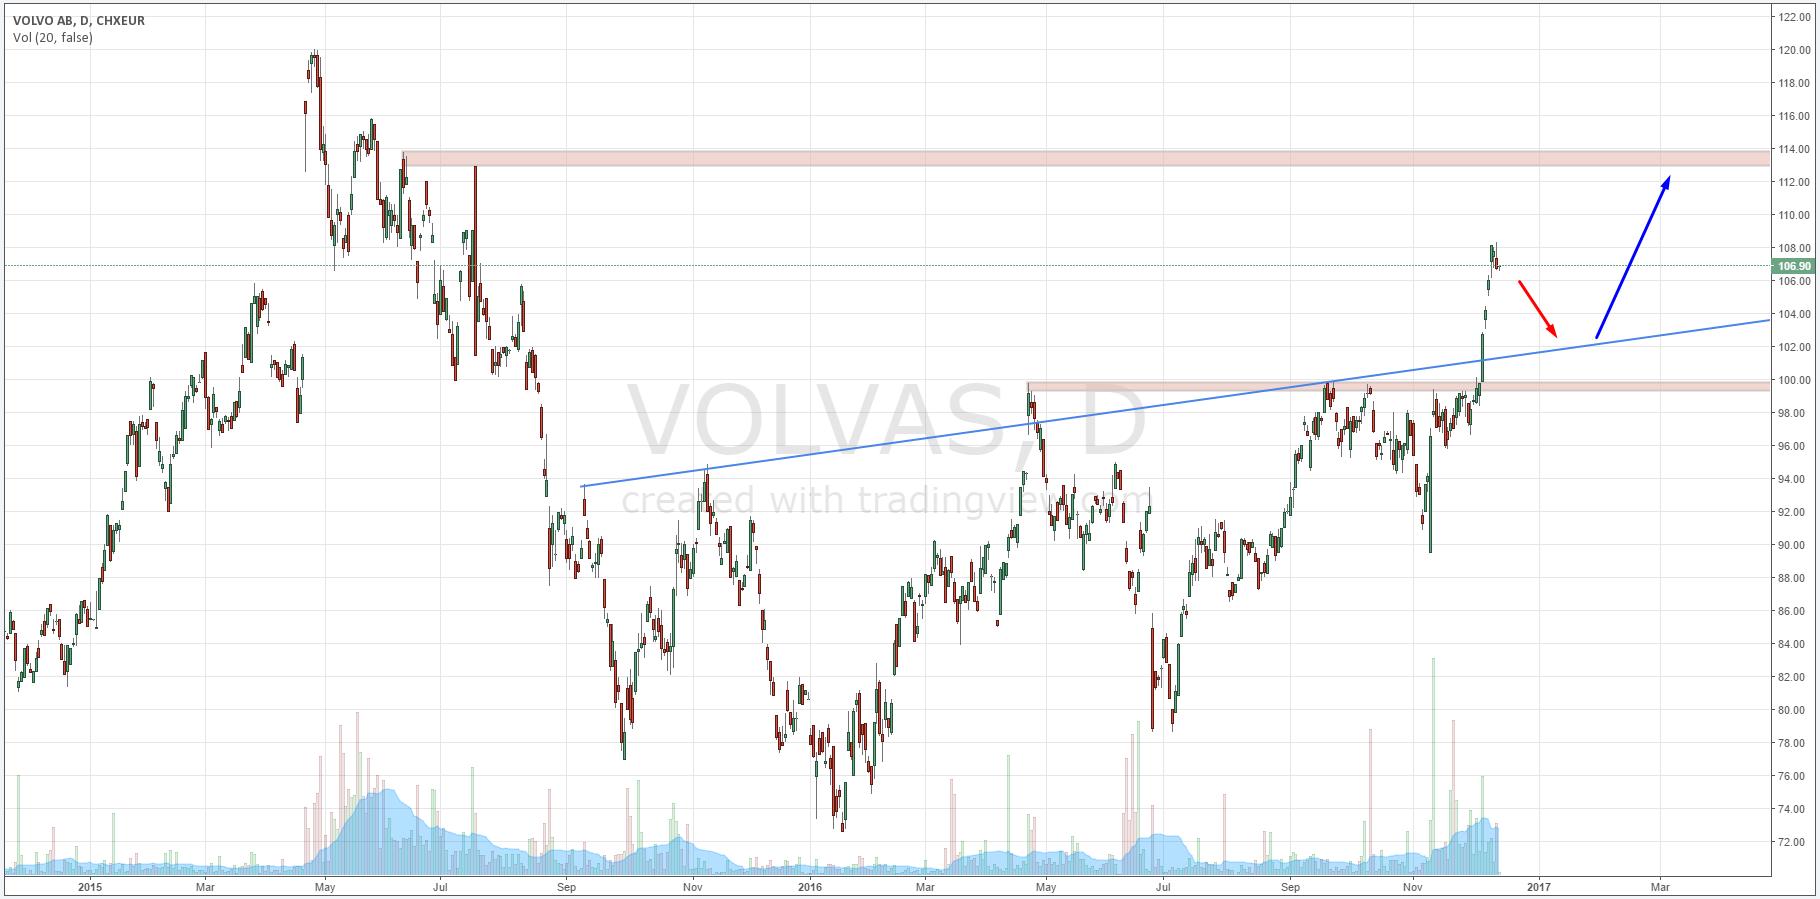 Wykres dzienny cen akcji spółki VOLVO AB   Źródło: www.tradingview.com